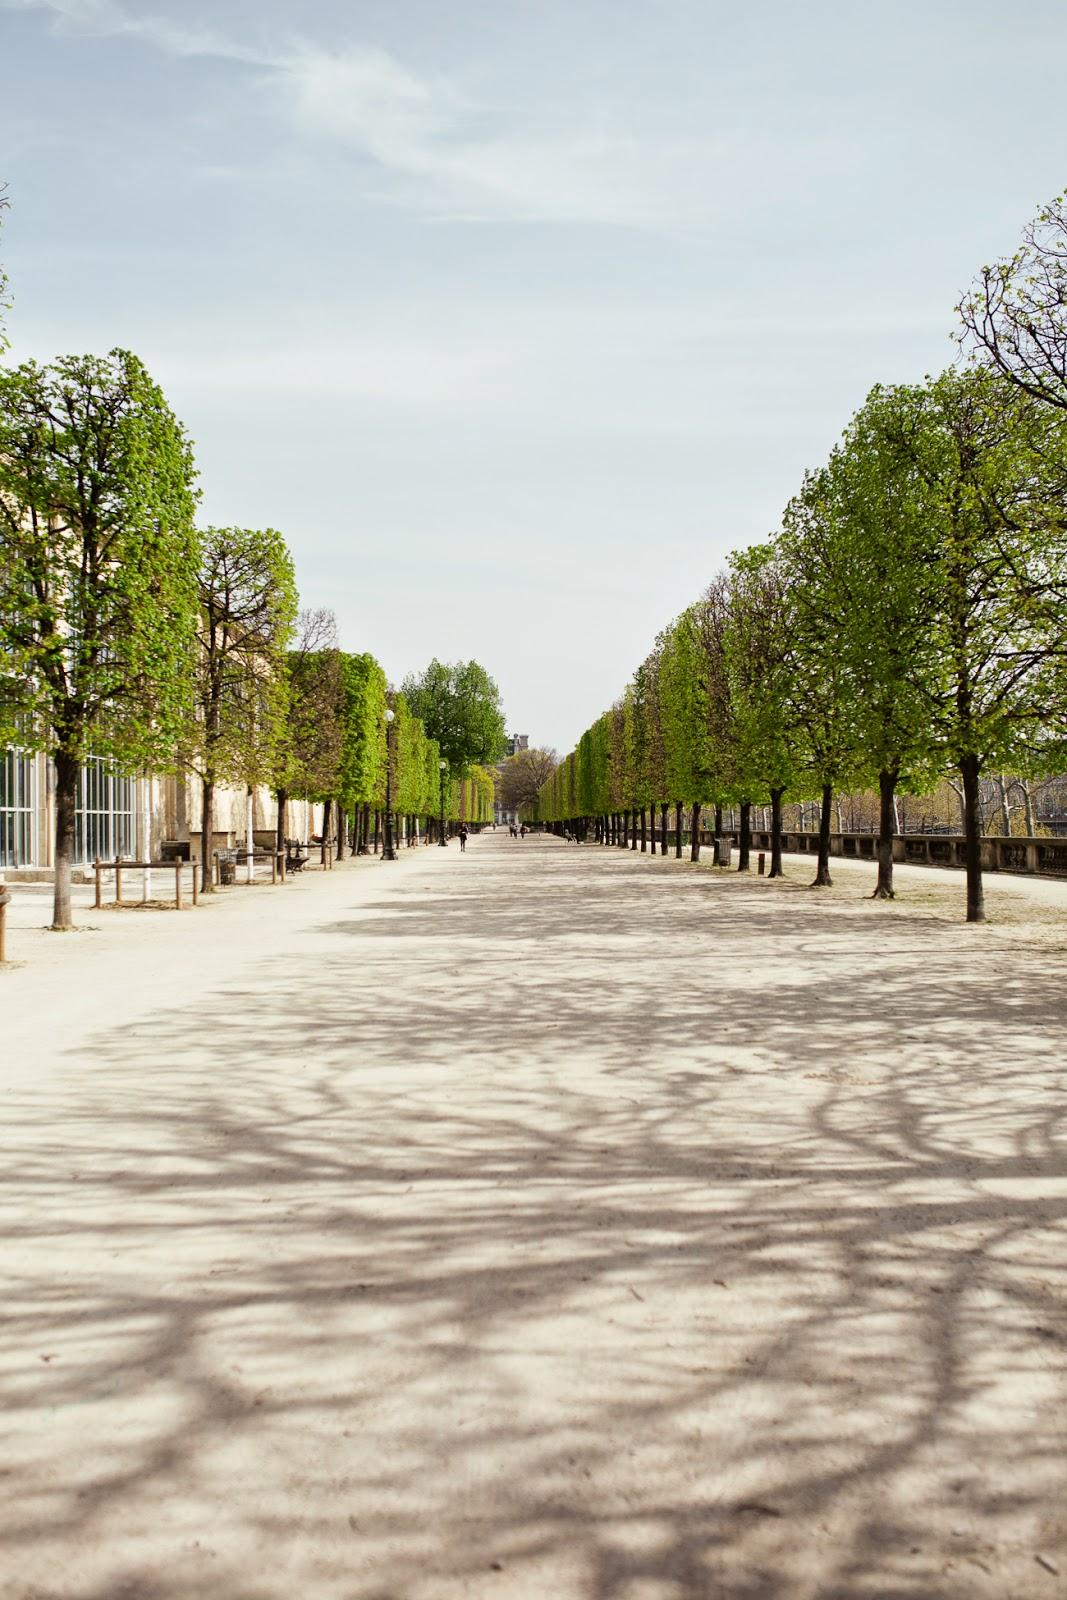 Le Jardin des Plantes / blog.jchongstudio.com